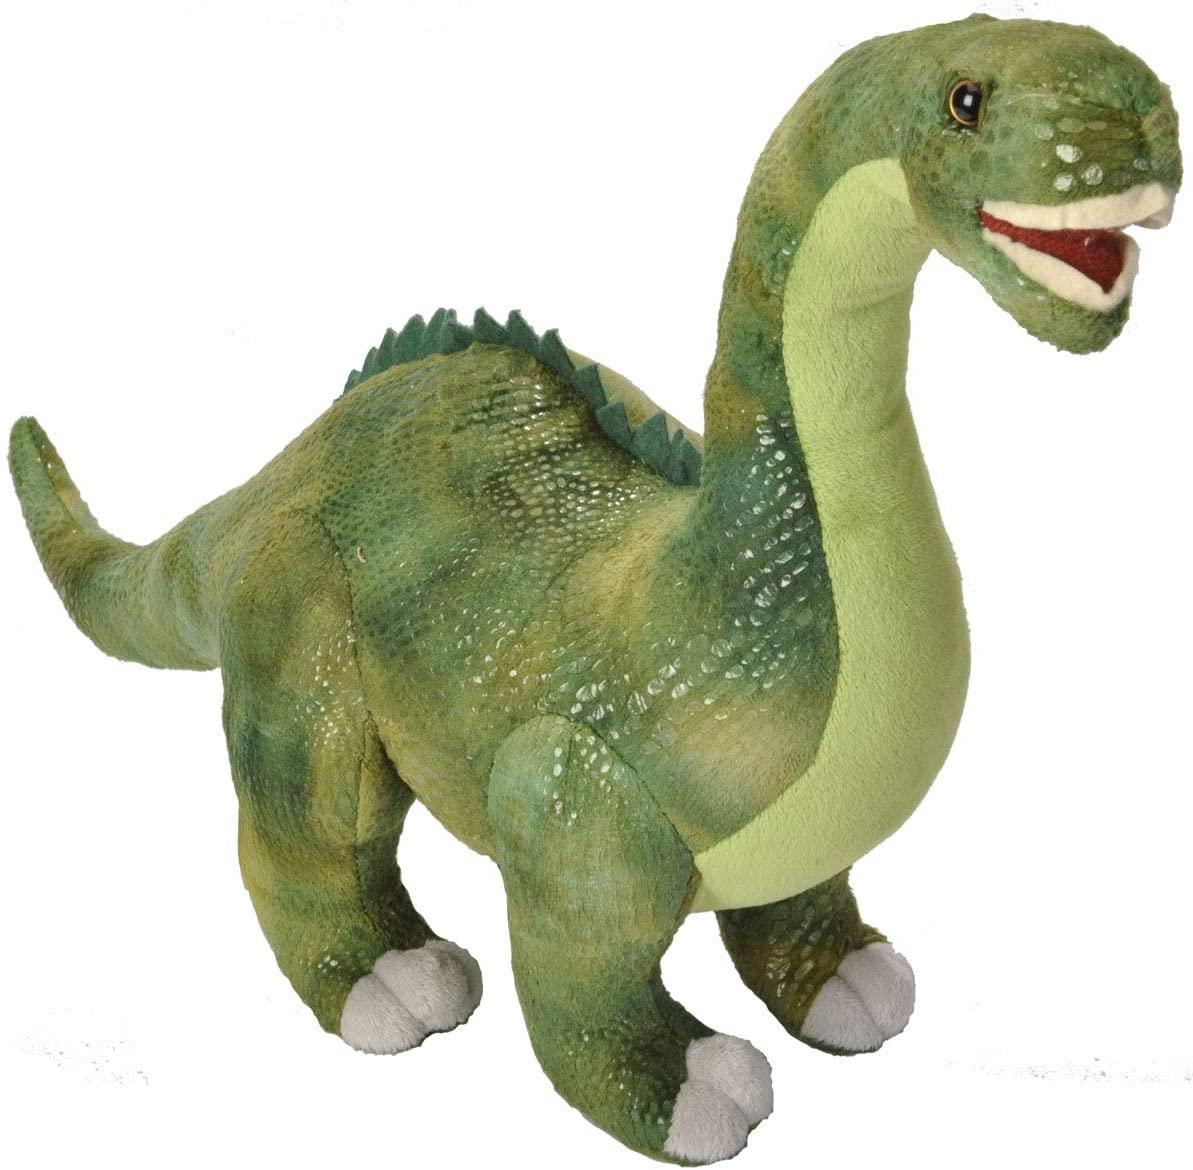 Diplodocus 18611AP Dinosaurier ca. 38cm by Wild Republic Stofftier Kuscheltier Dinosaurier Planzenfresser Dinoauria Kuscheln Sie mit diesem Riesen aus prähistorischer Zeit. Der Diplodocus war ein Pflanzenfreser, der für seine Größe bekannt war.